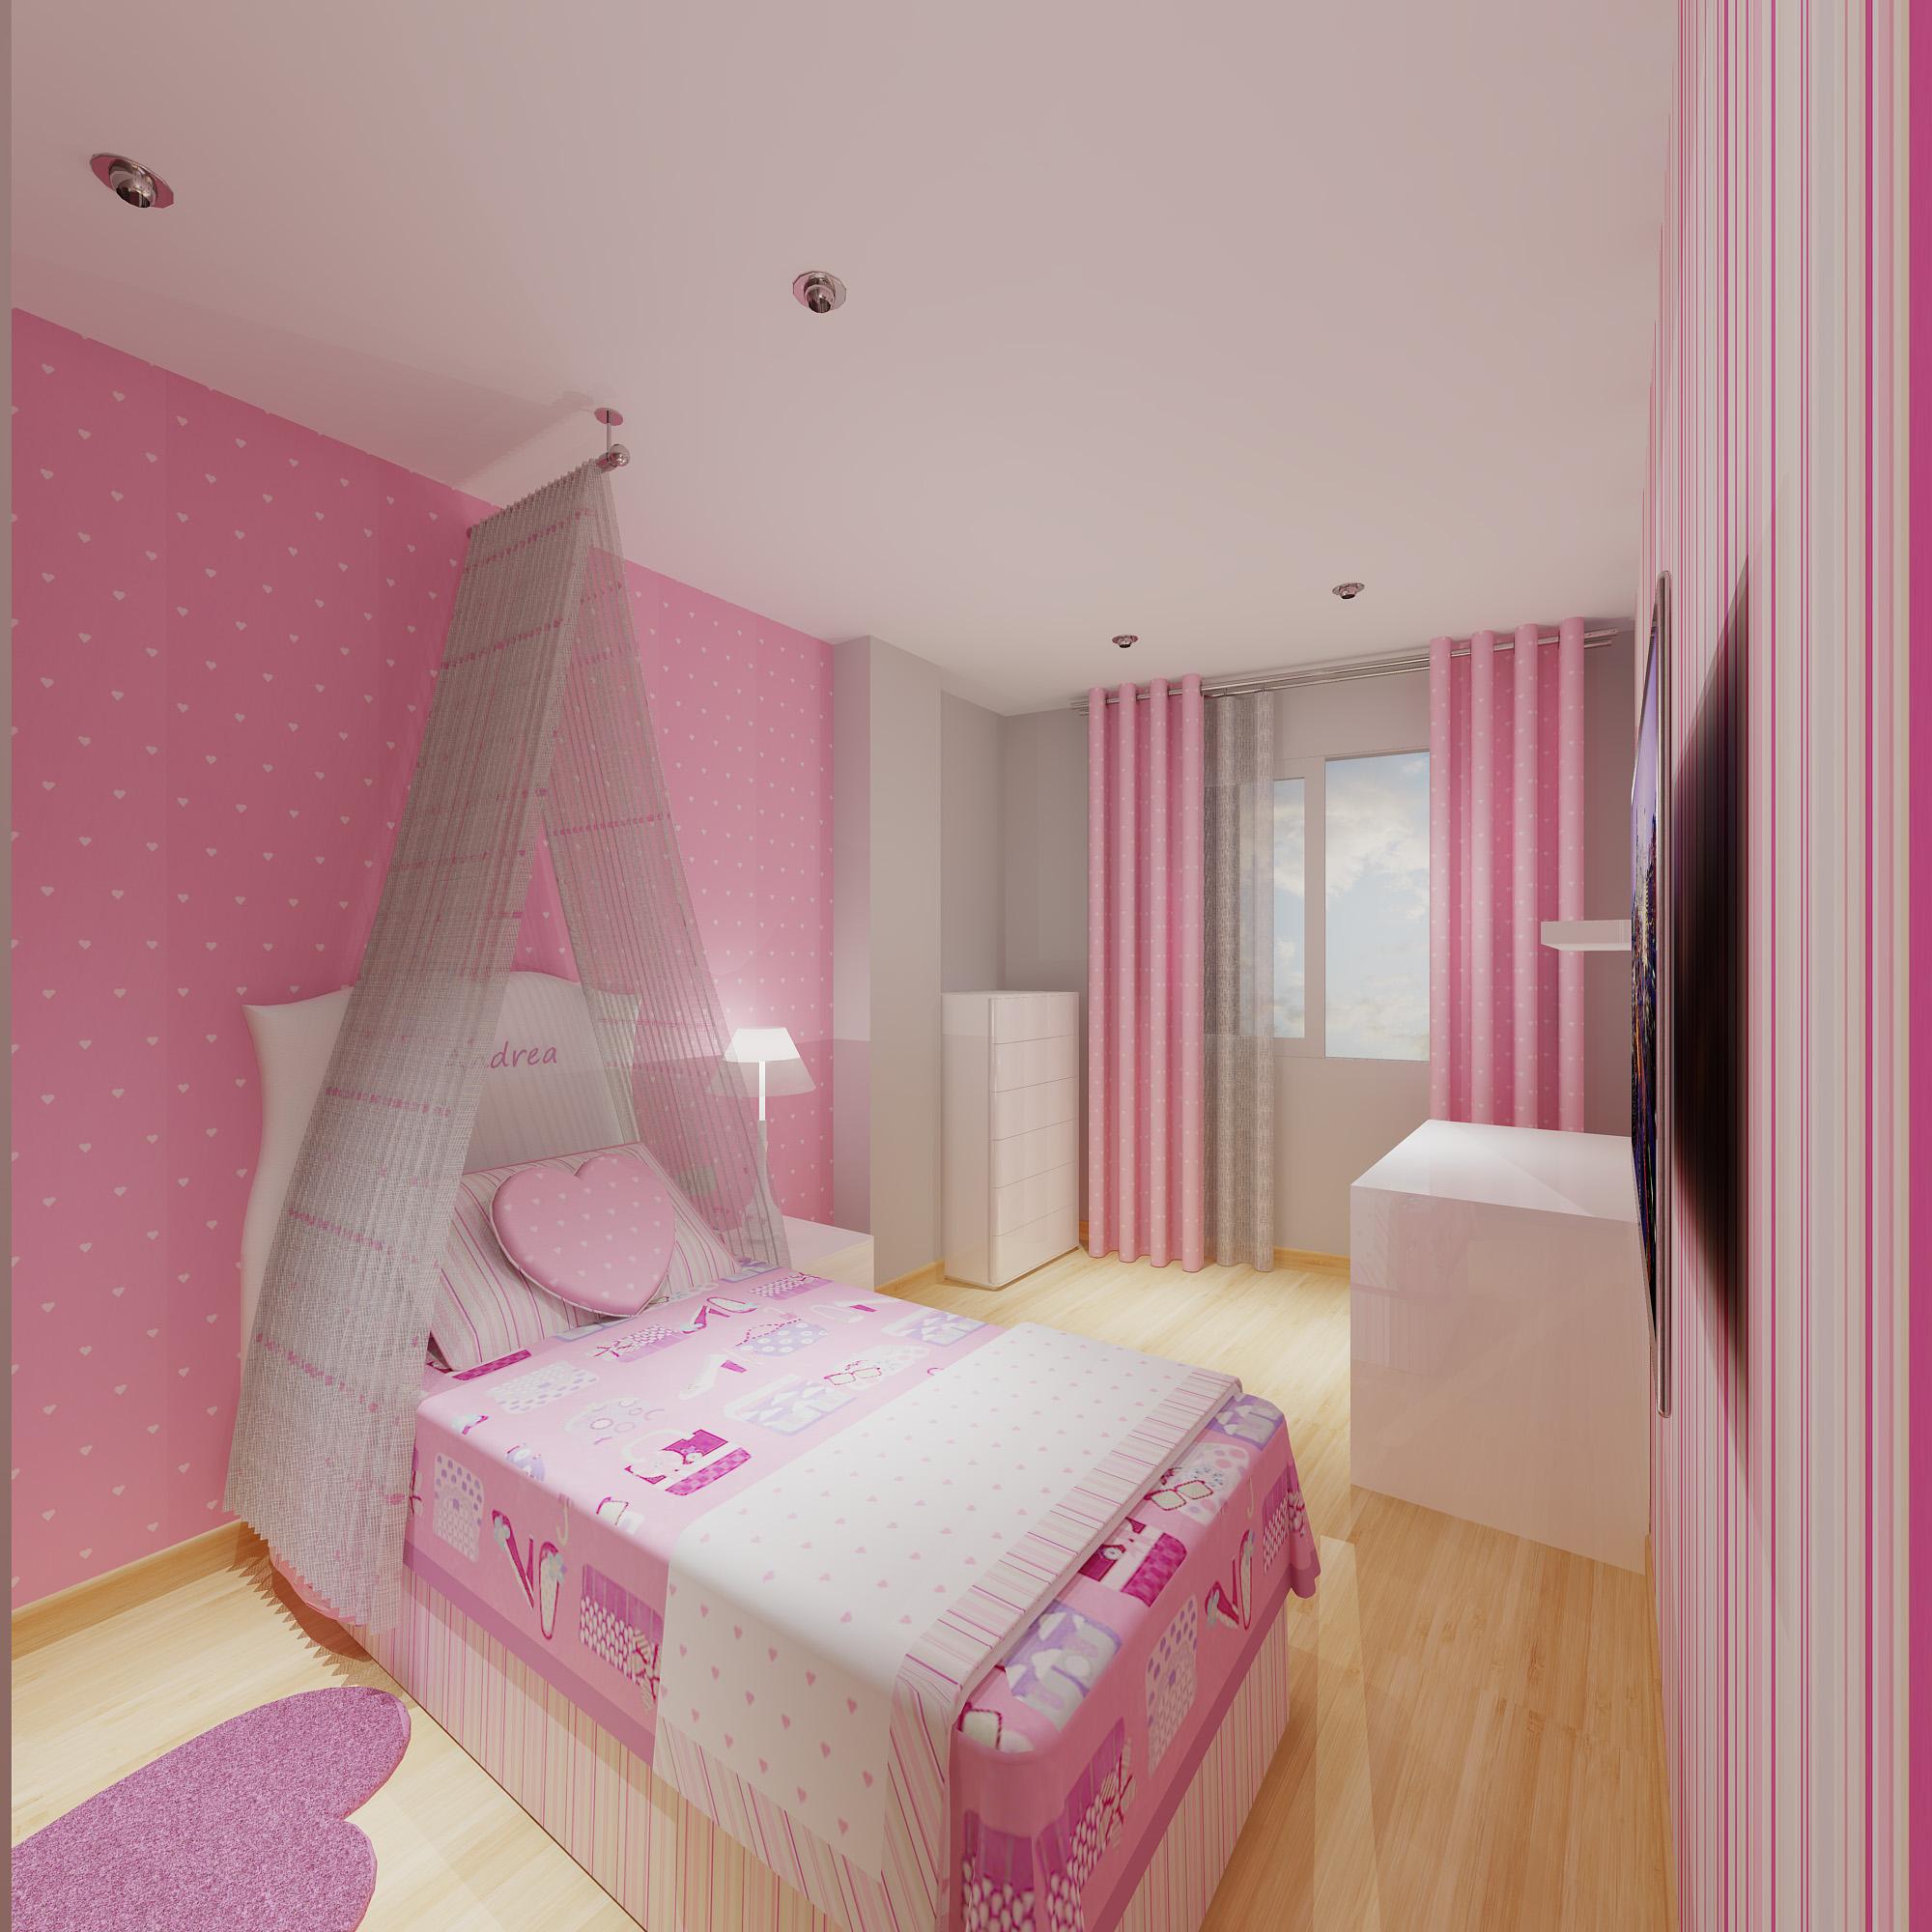 Un proyecto de habitaci n de ni as muy rom ntico - Dibujos para habitacion nina ...